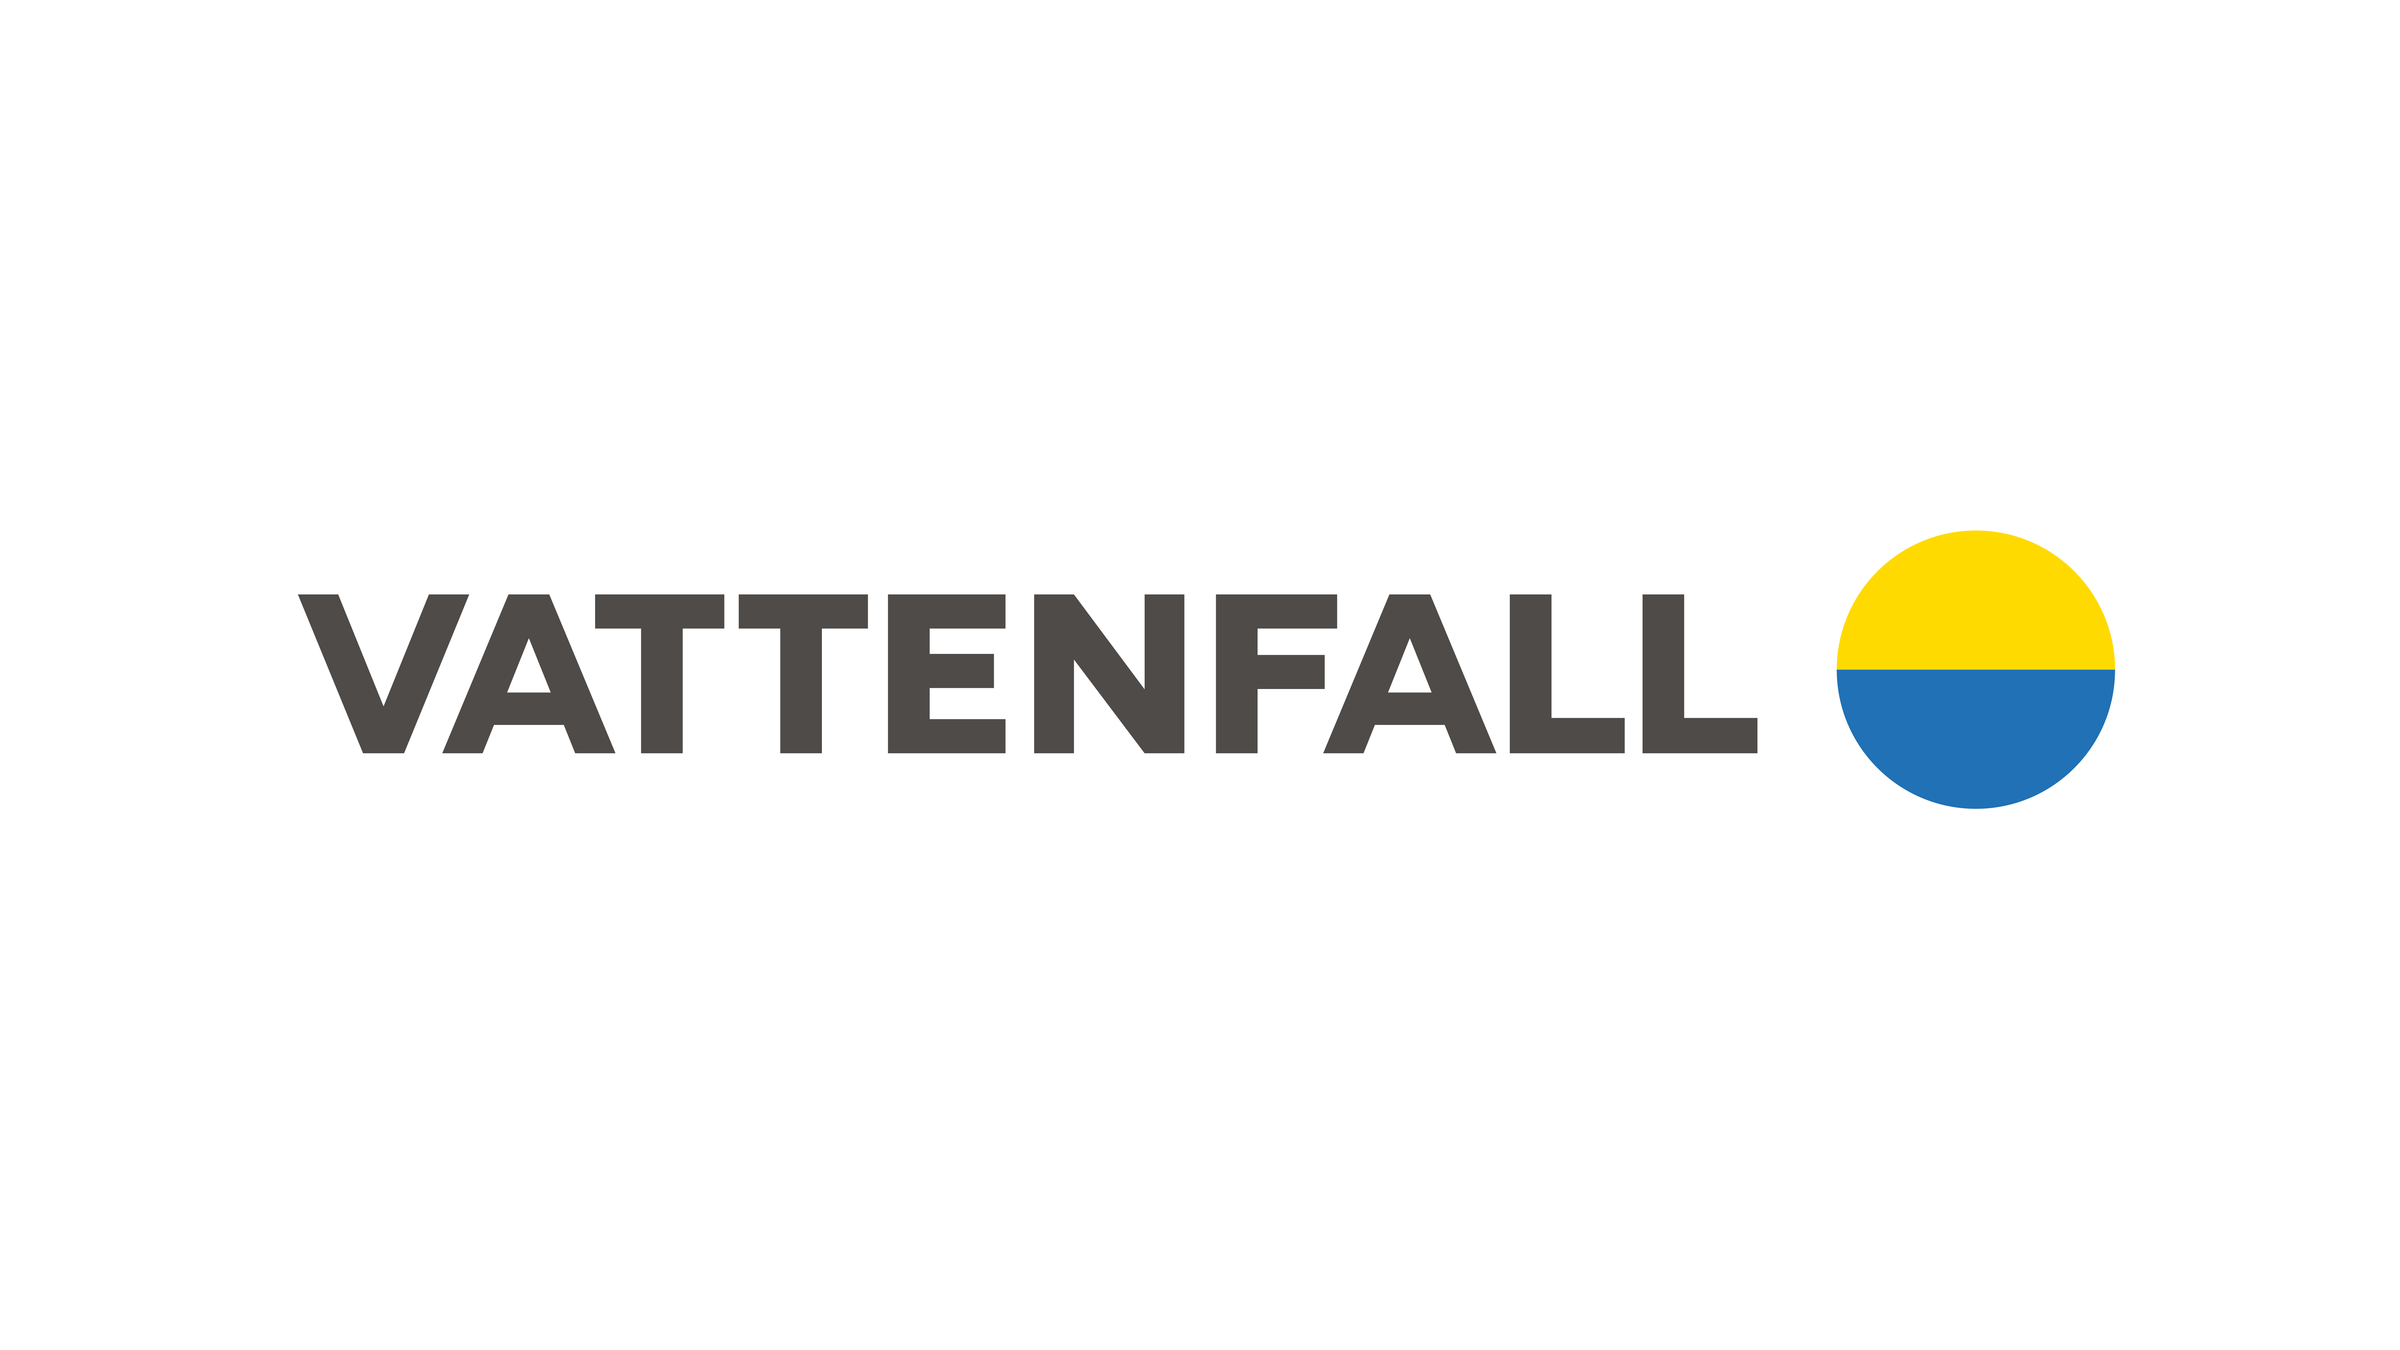 Vattenfall.png